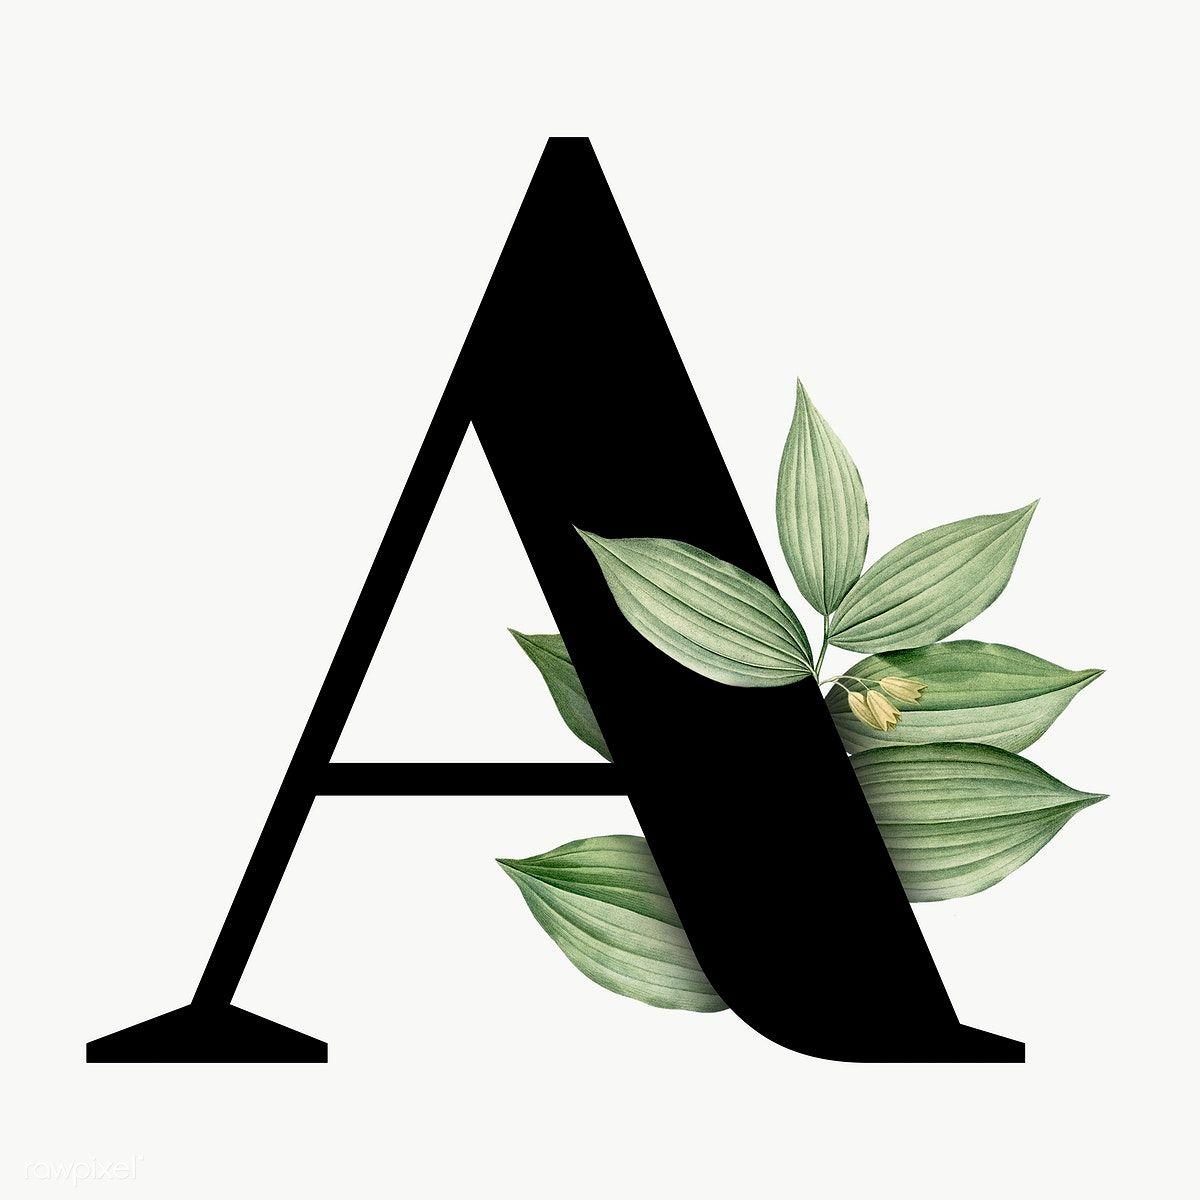 Botanical Capital Letter A Transparent Png Premium Image By Rawpixel Com Aum Alphabet Wallpaper Monogram Wallpaper Lettering Alphabet Fonts